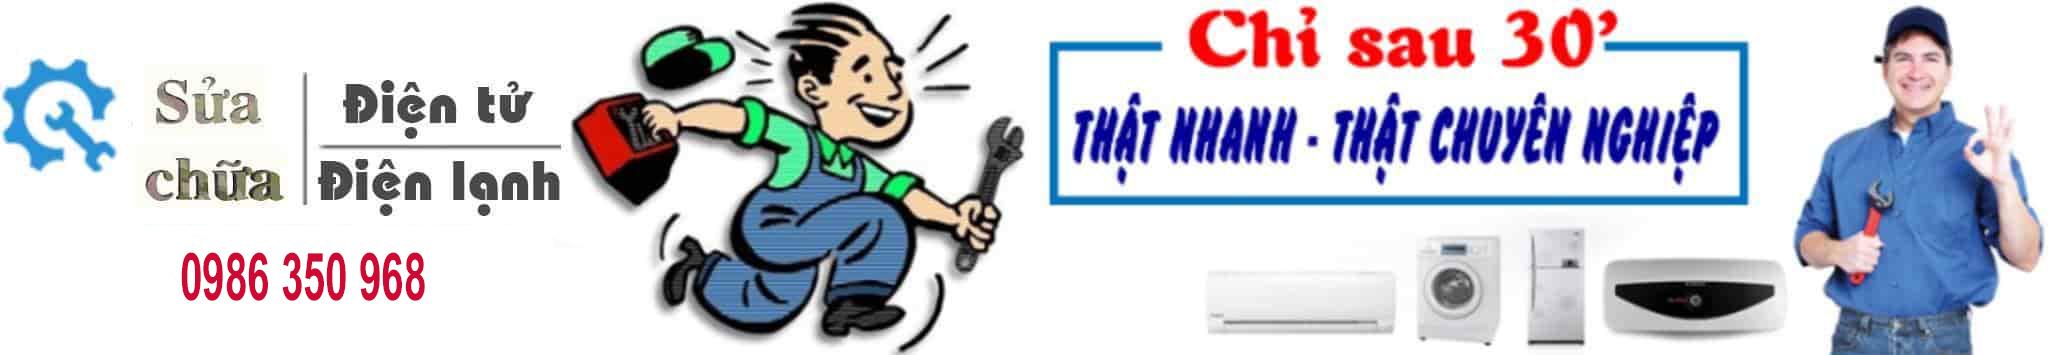 Thợ sửa điện tử điện lạnh chuyên sửa tivi, tủ lạnh, điều hoà, máy giặt